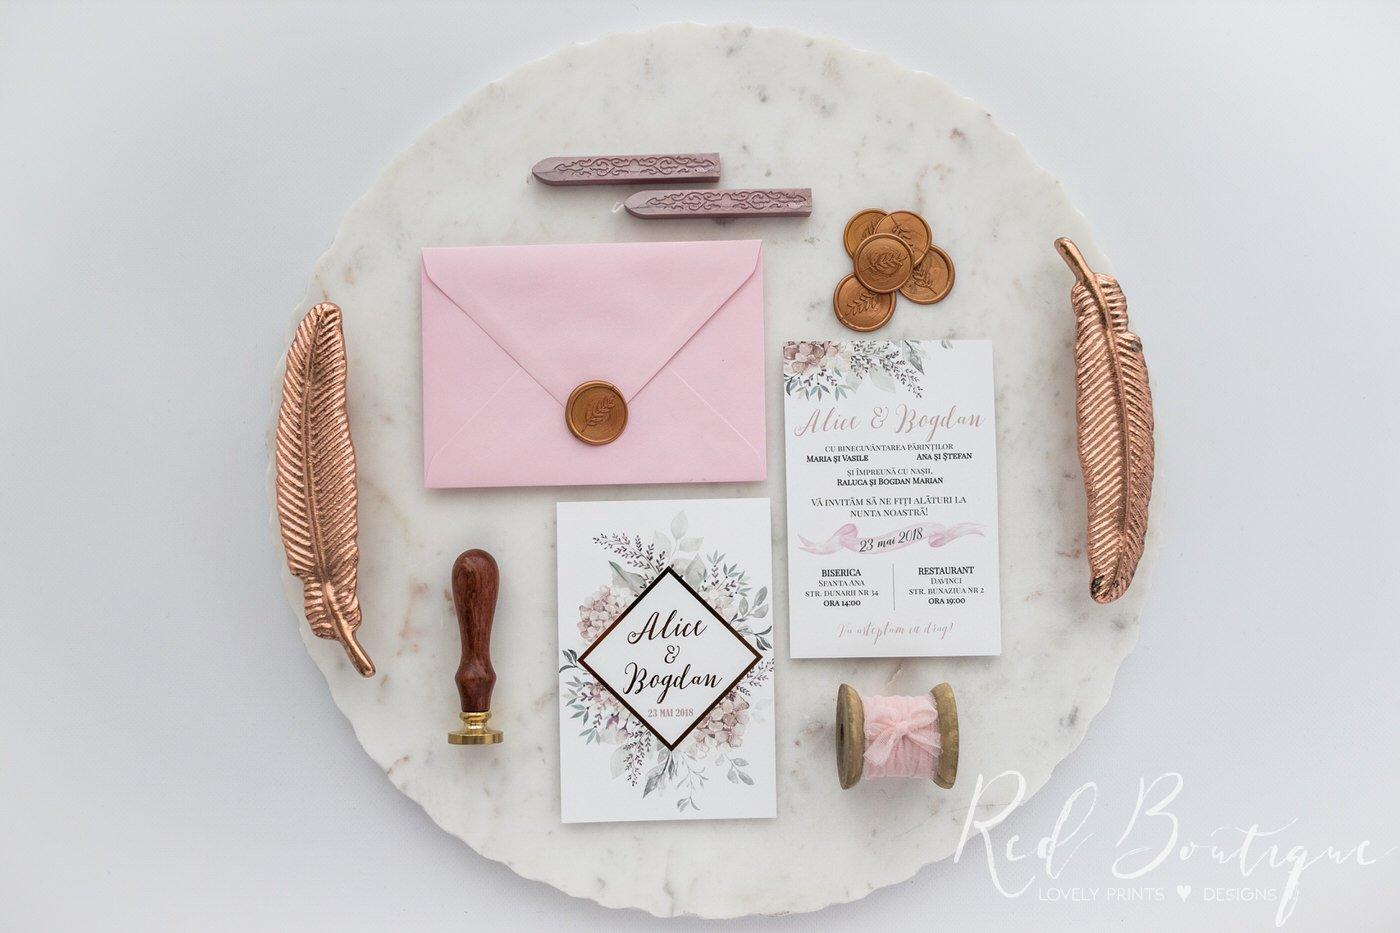 invitatie moderna cu scris auriu si plic roz cu sigiliu